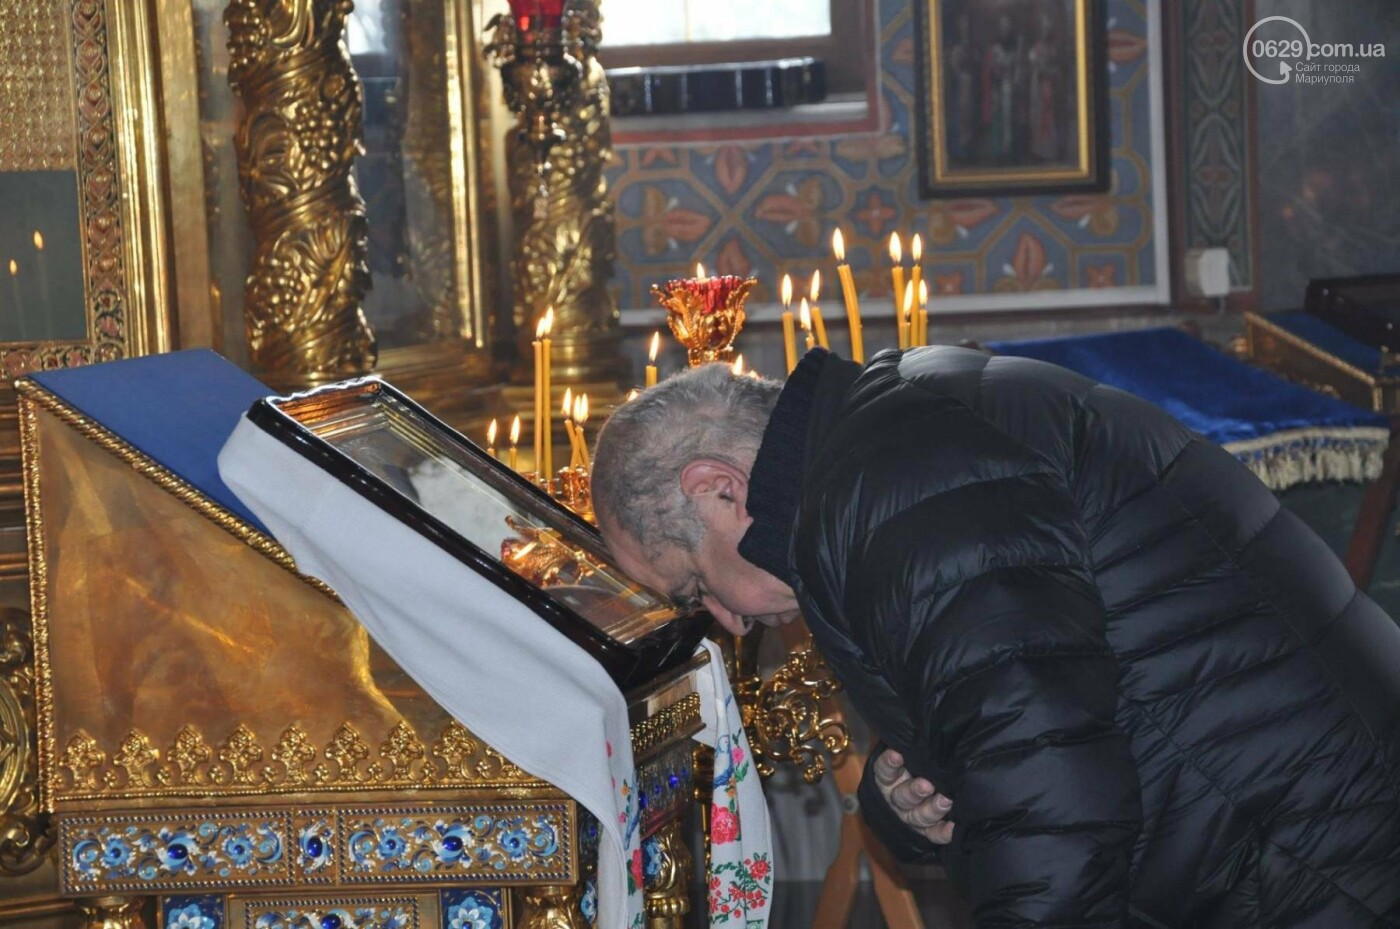 В селе Боевое испекли 17000 блинов и установили новый рекорд Украины, фото-8